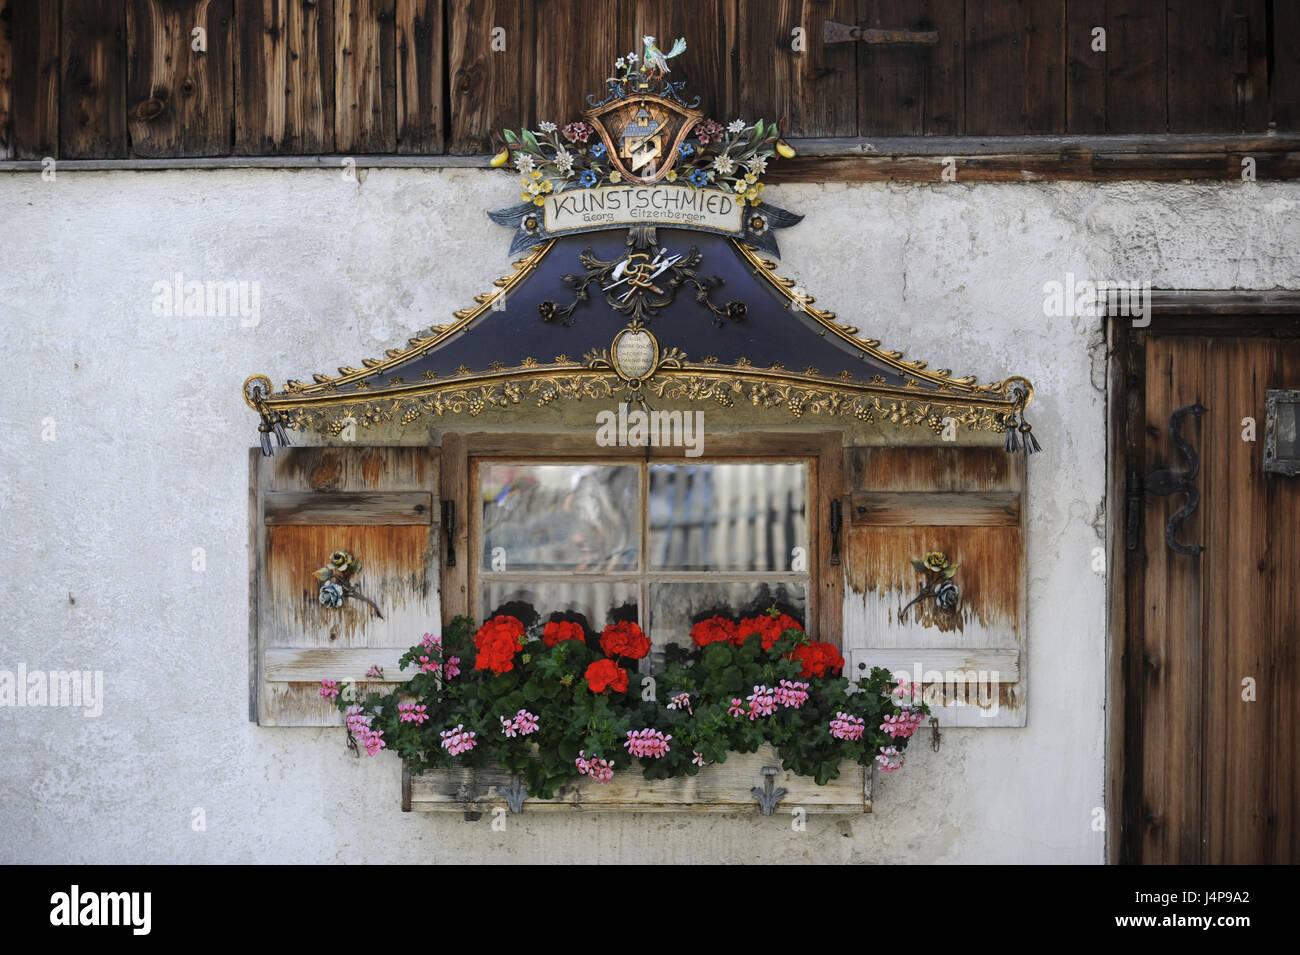 Art smiths, bay windows, house facade, Garmisch-Partenkirchen, - Stock Image